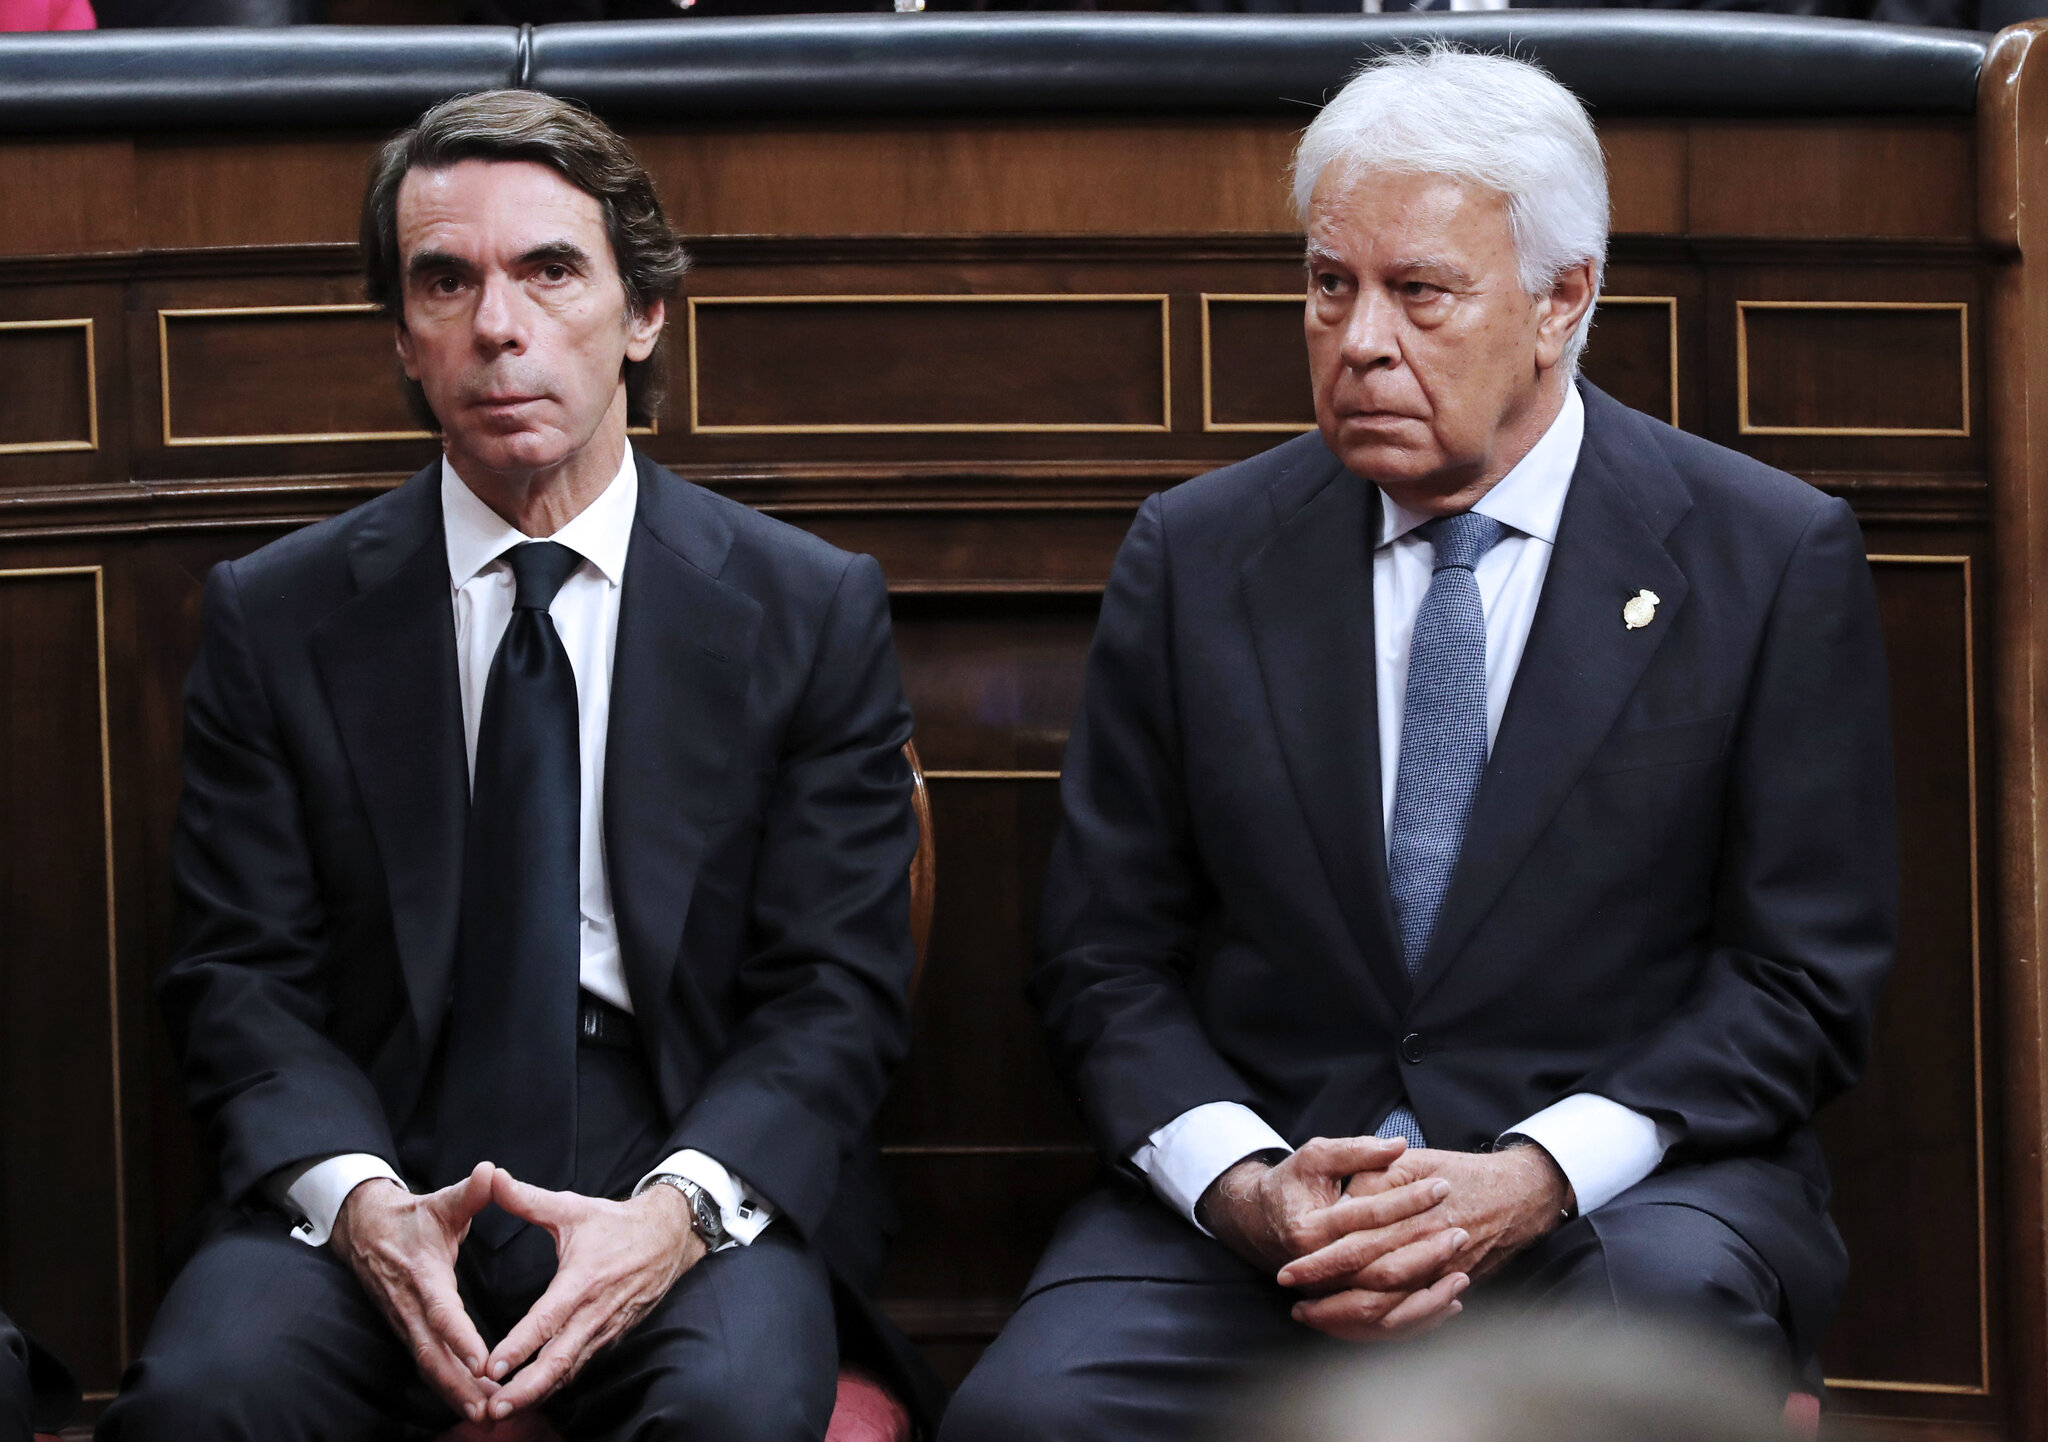 ¿Por qué la obsesión de España con Venezuela? Por José A. Amesty R. | Diario digital El País Costa Rica